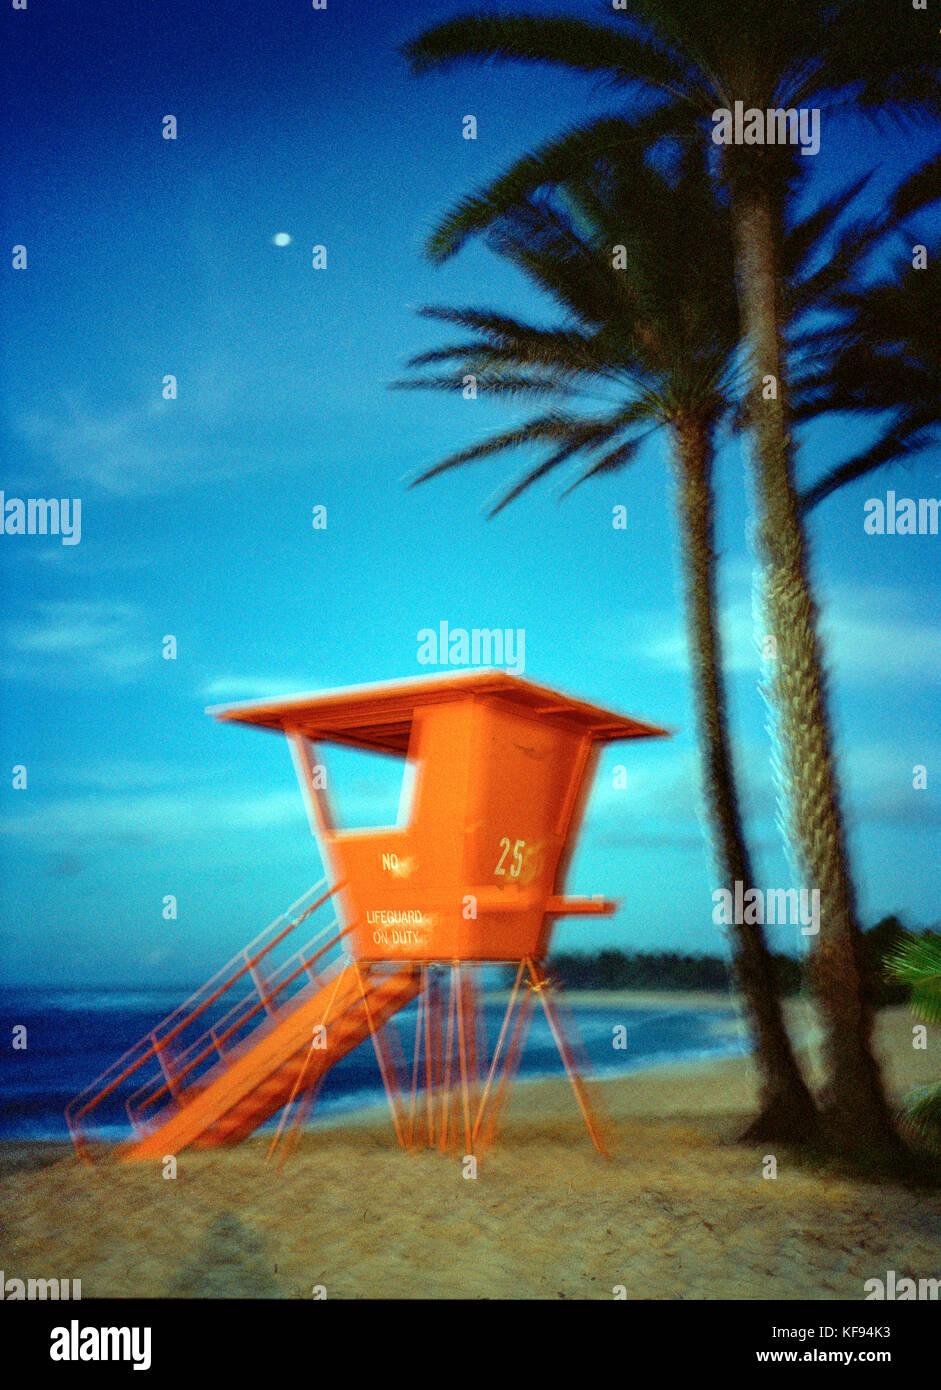 USA, Hawaii, Oahu, lifeguard tower at Sunset Beach - Stock Image